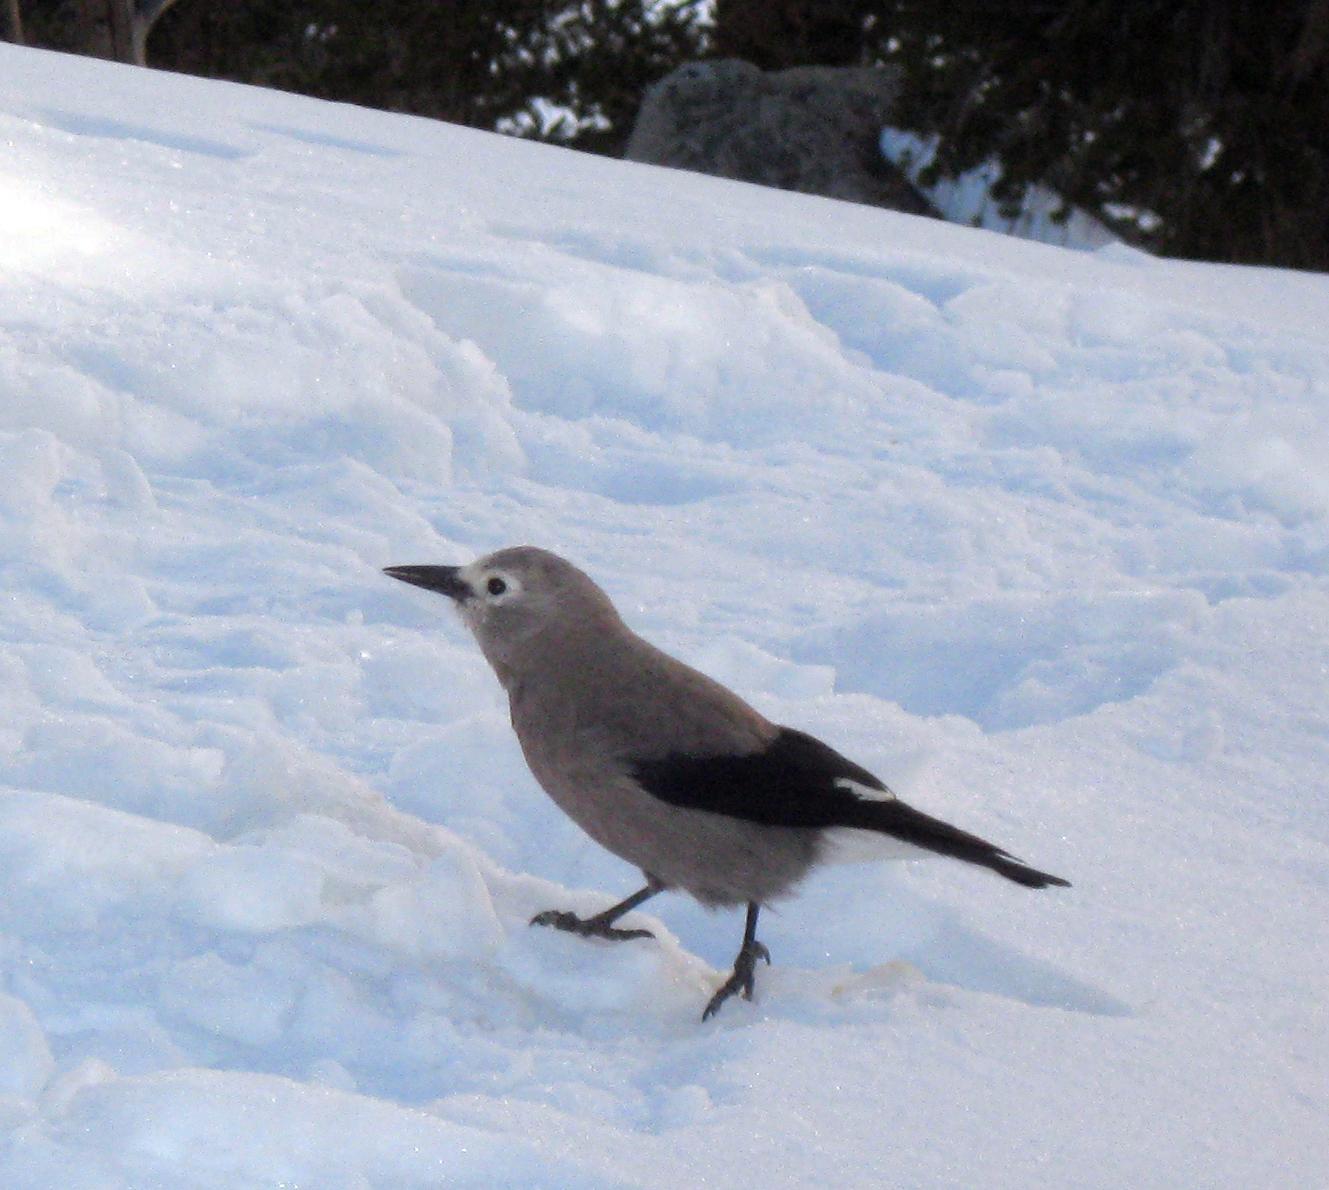 Clark's nutcracker in snow